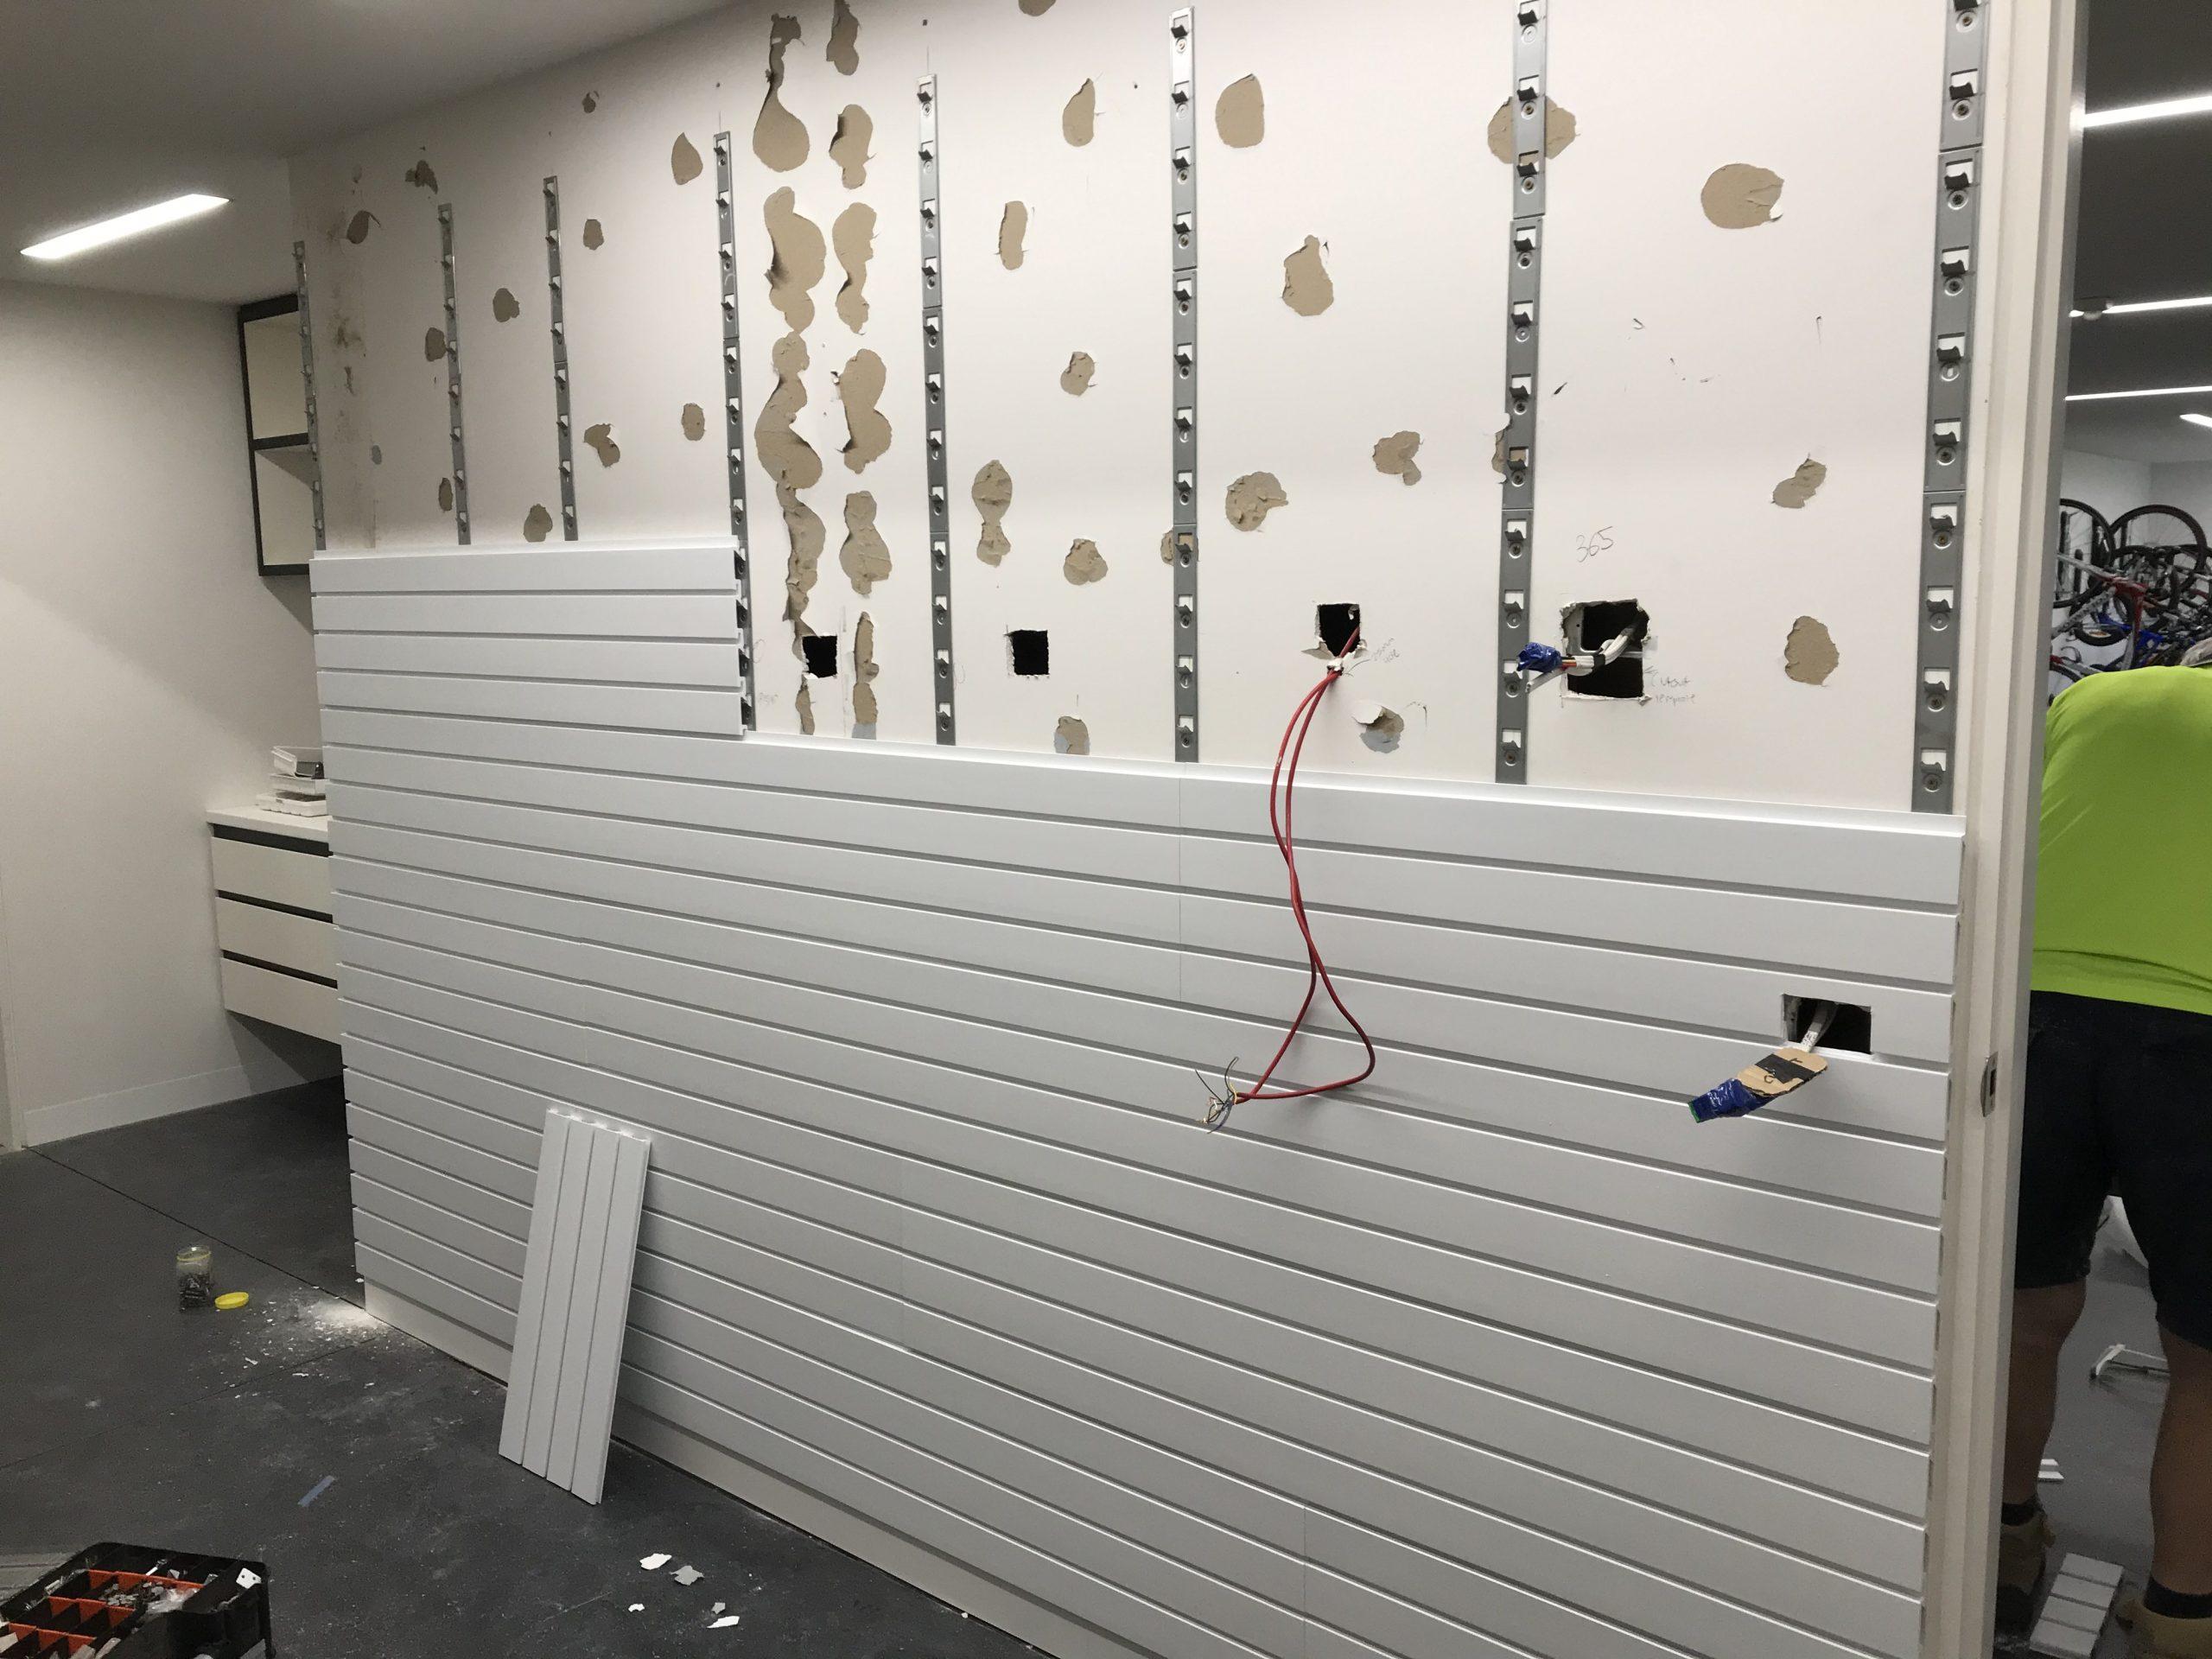 Garage Wall Hanging Hooks